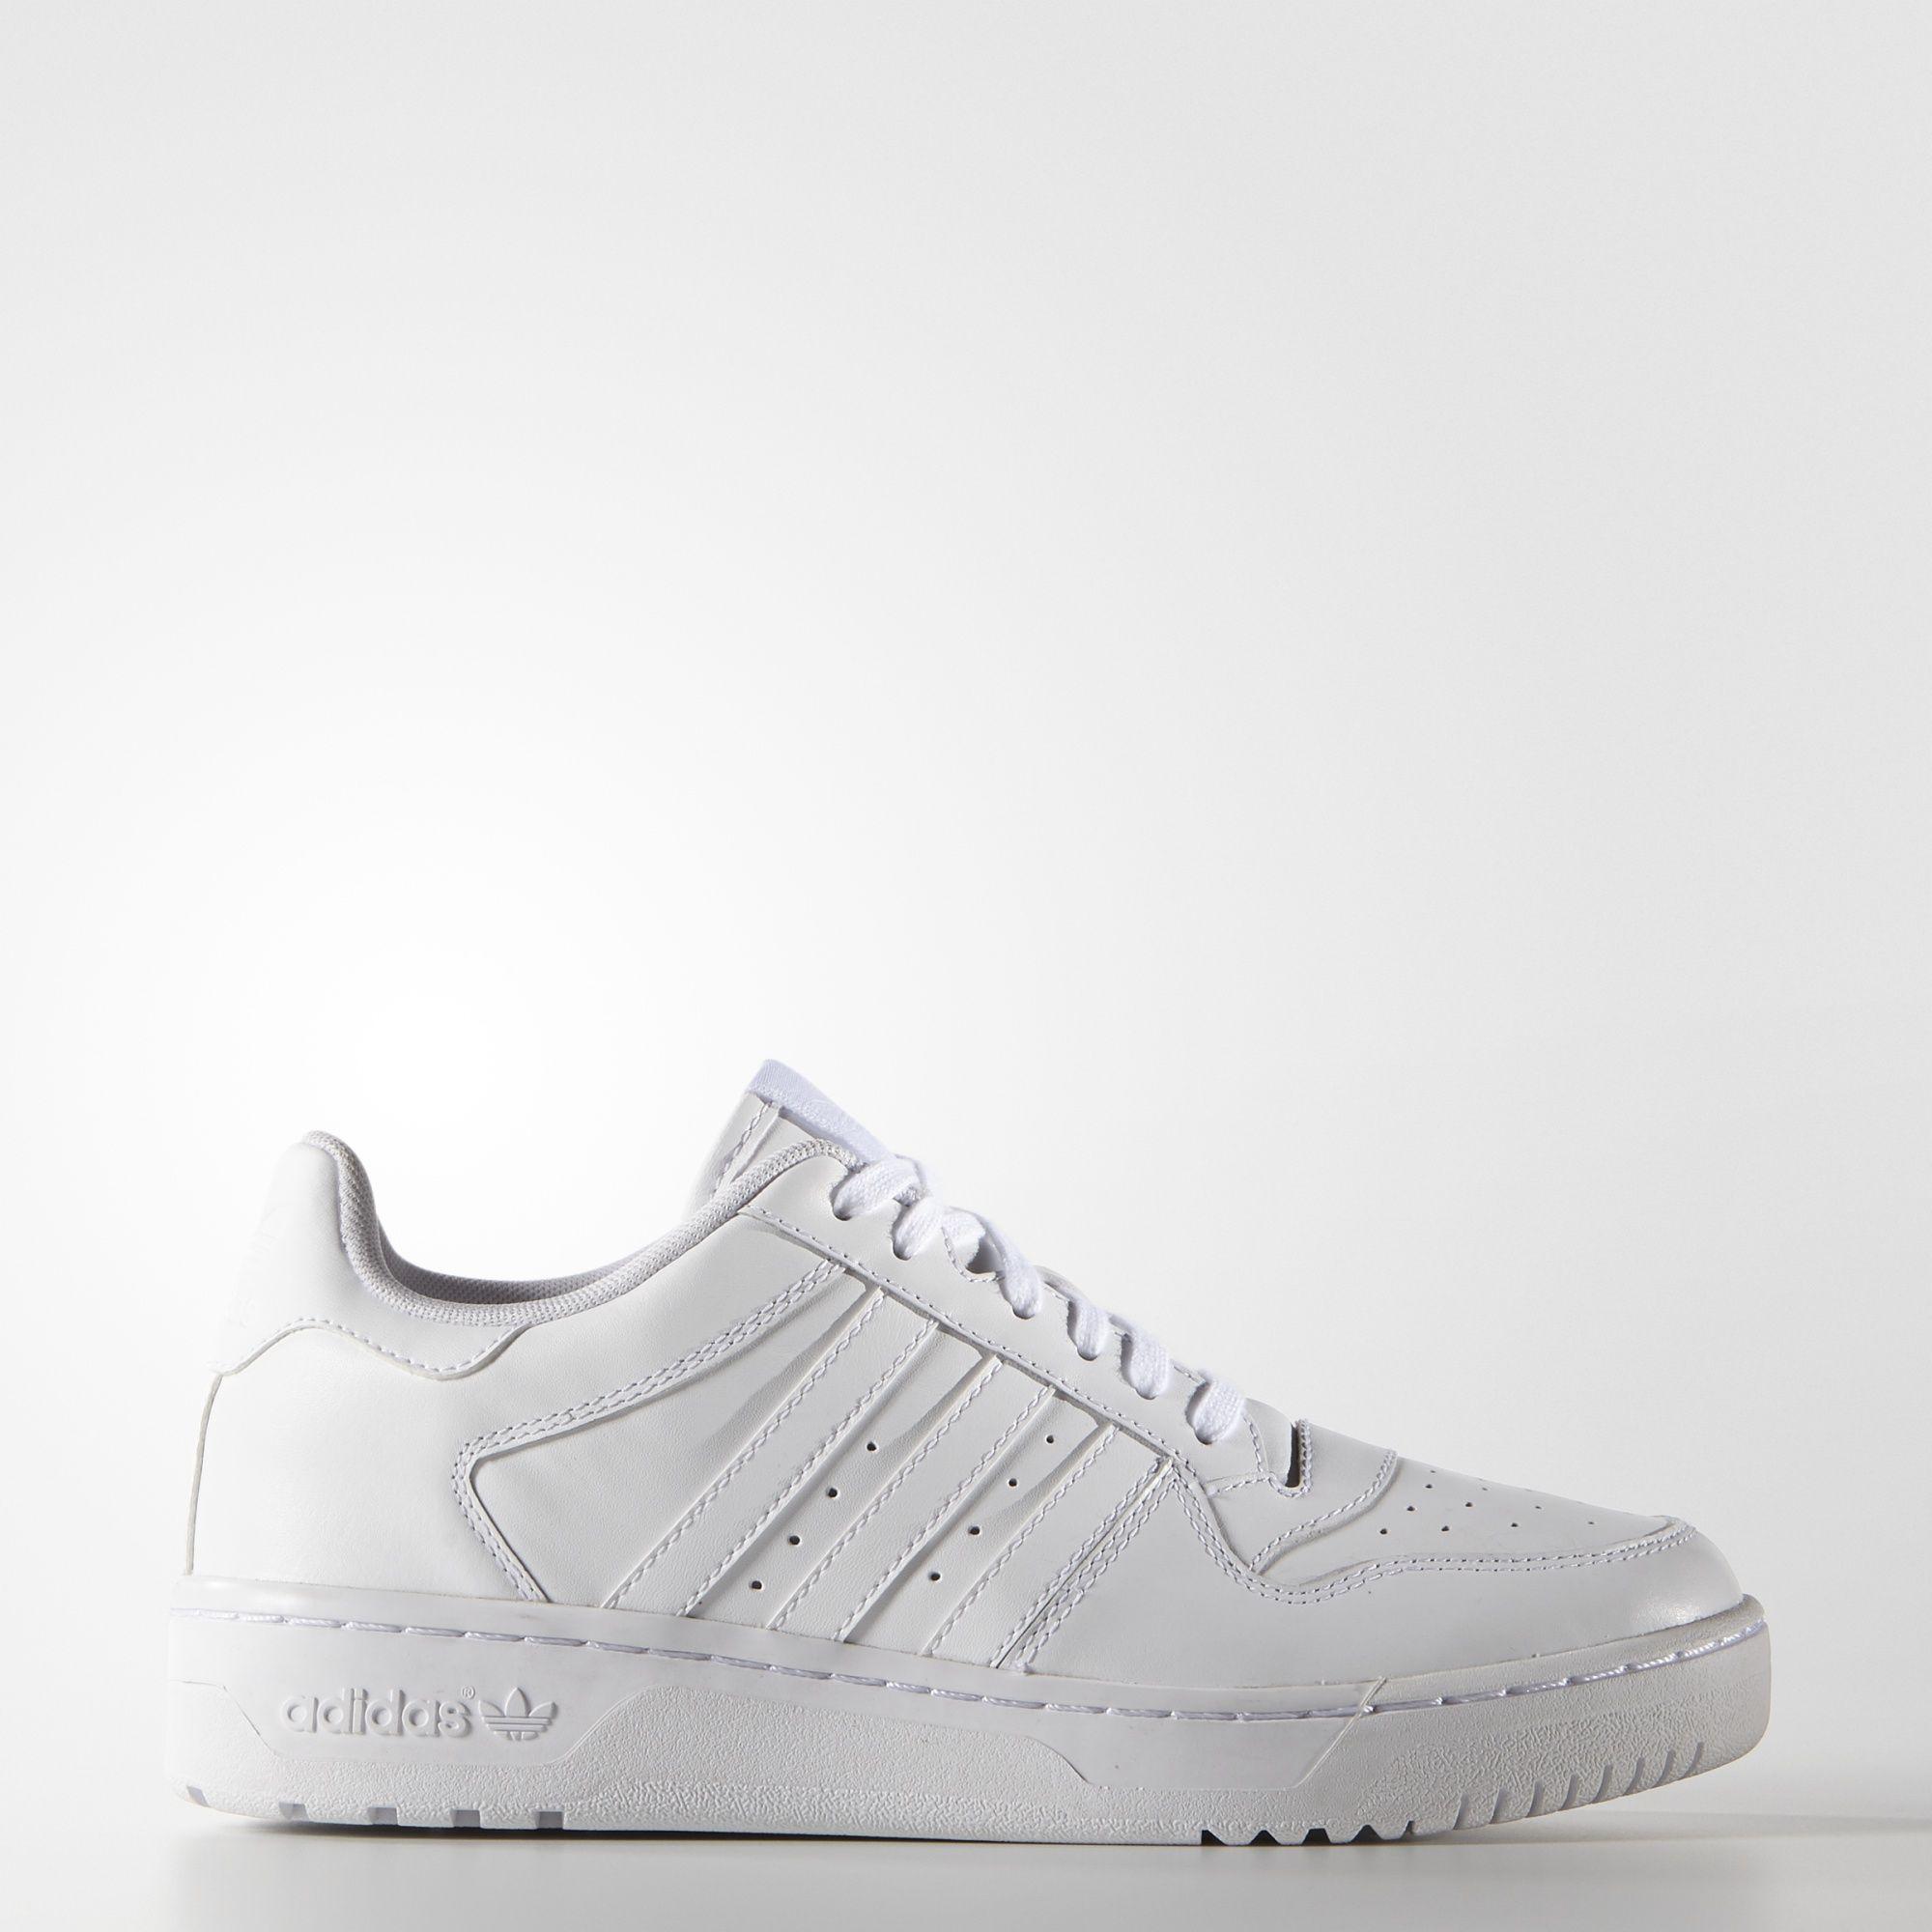 30496d94a39d1 adidas - M Attitude Revive Shoes   2016 style   Adidas, Shoes ...